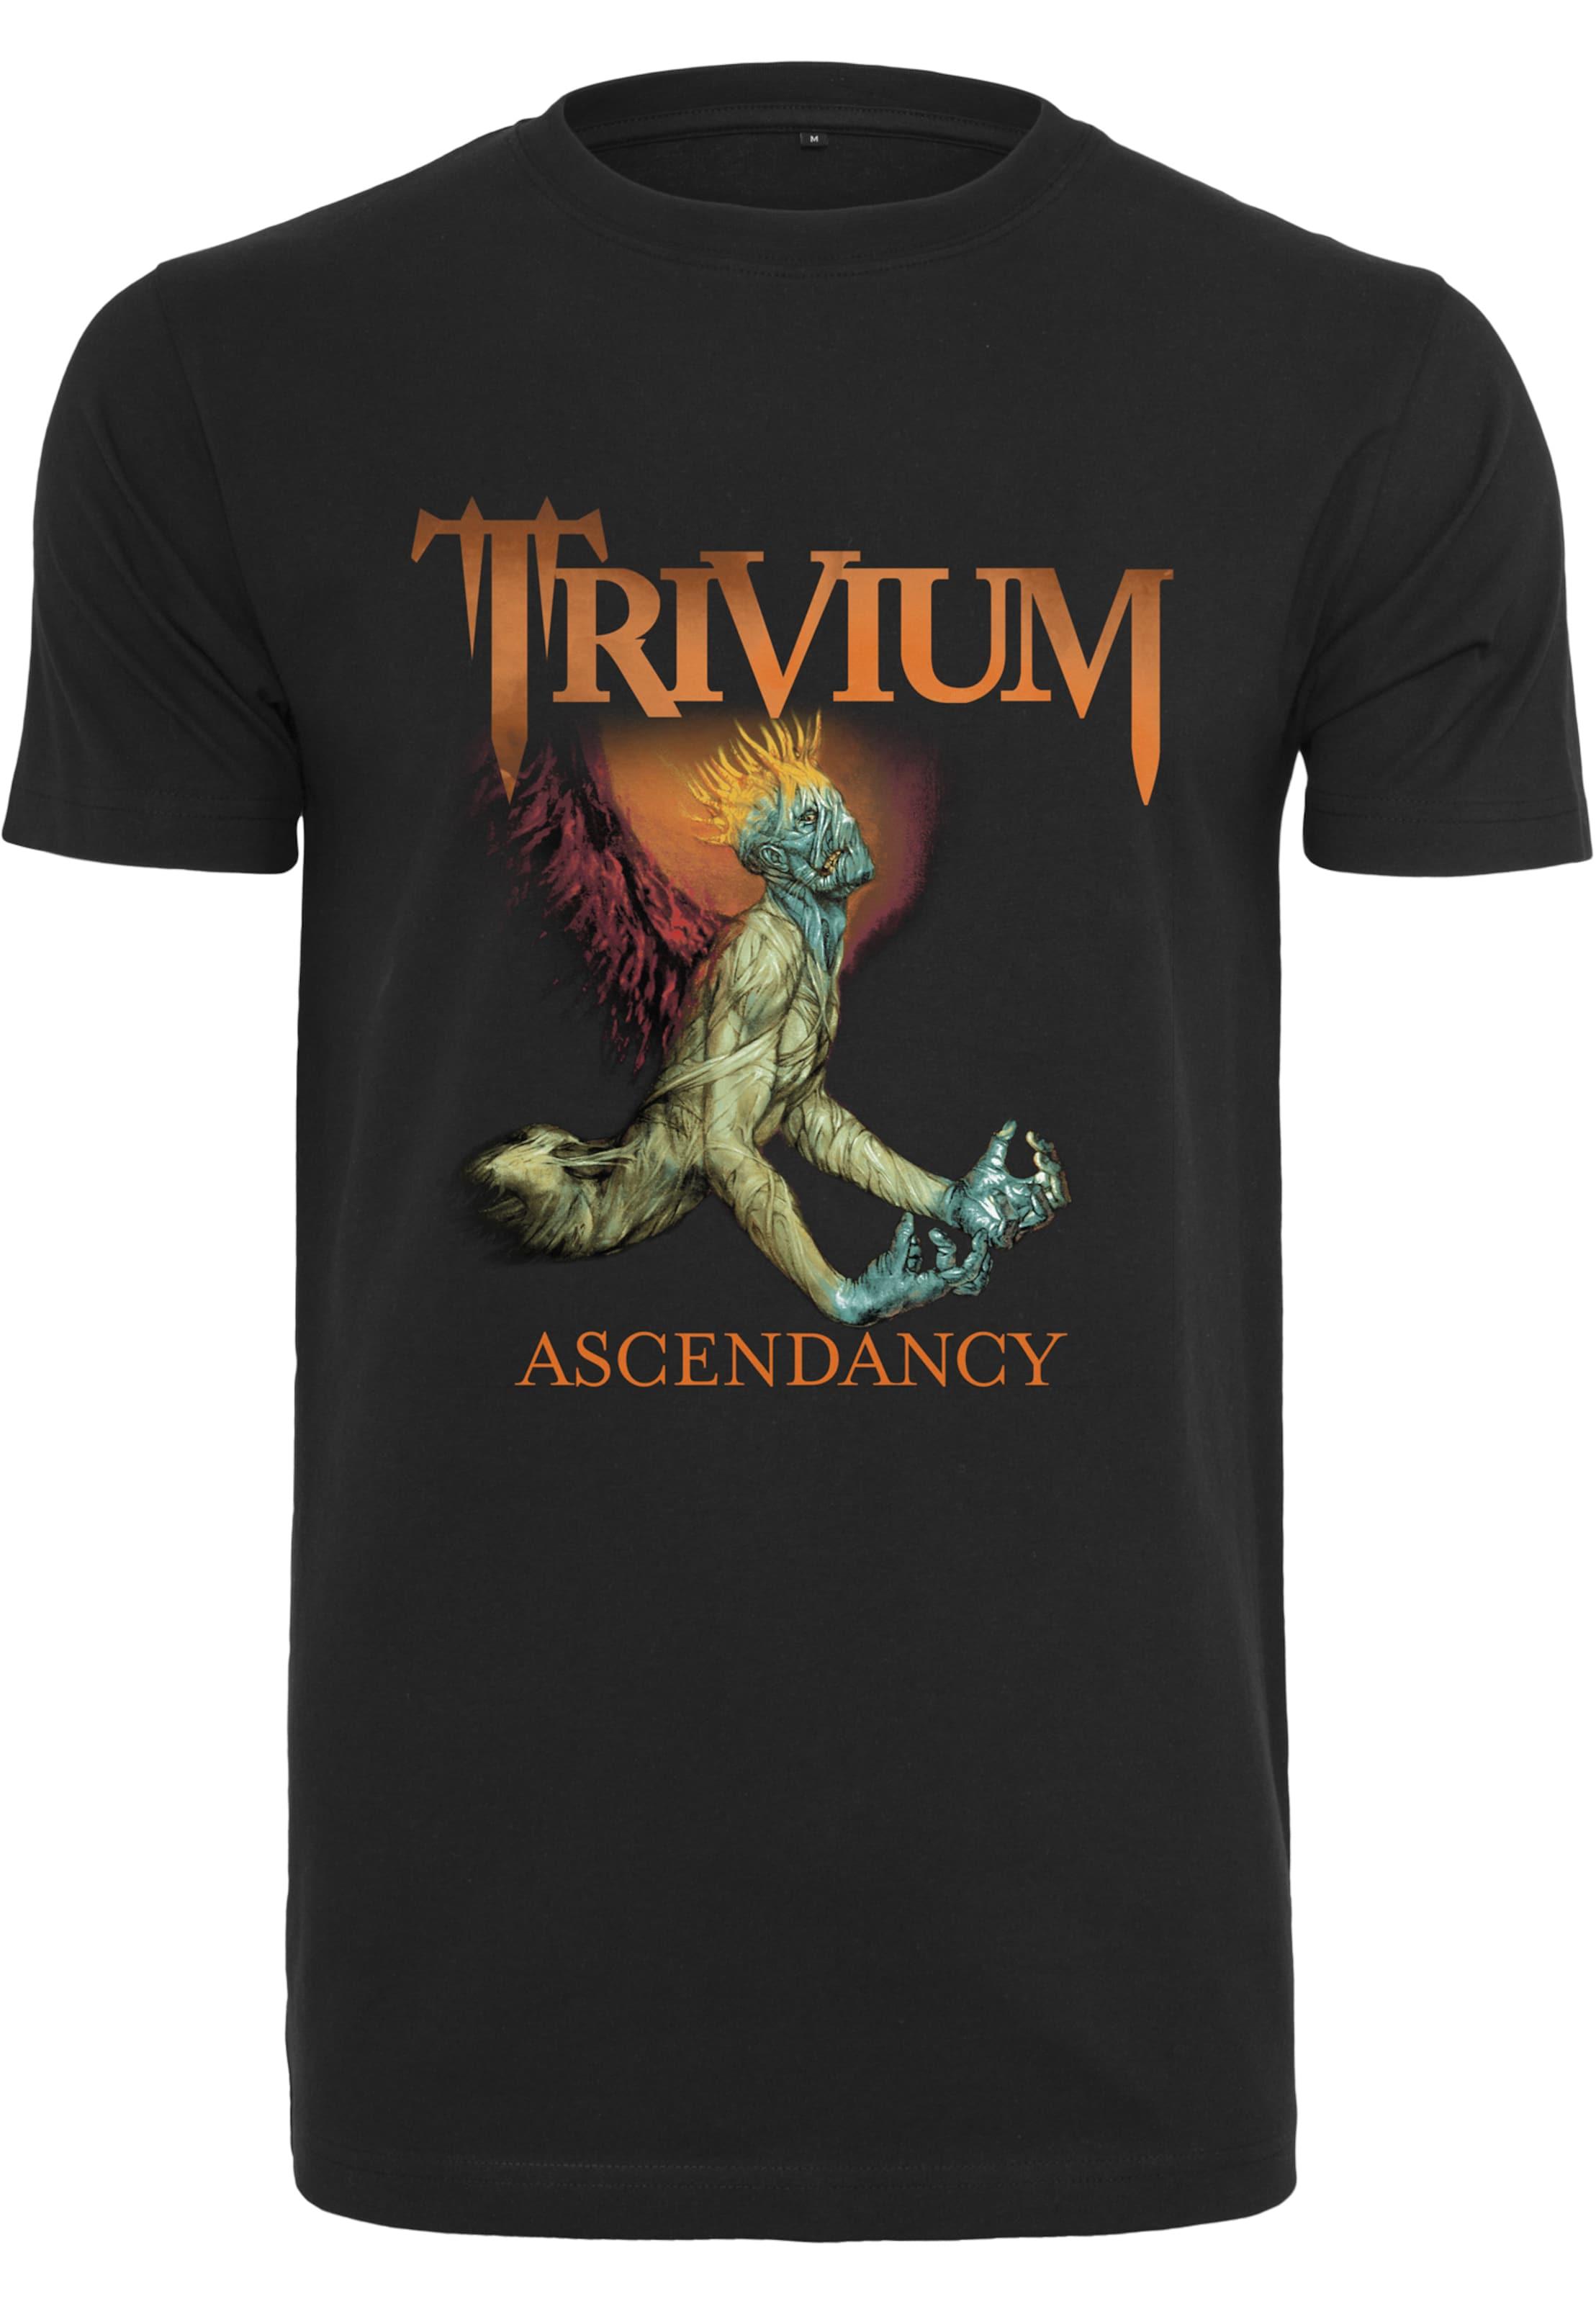 MischfarbenSchwarz Mister T Ascendancy' Tee shirt In 'trivium HIbYW2e9ED